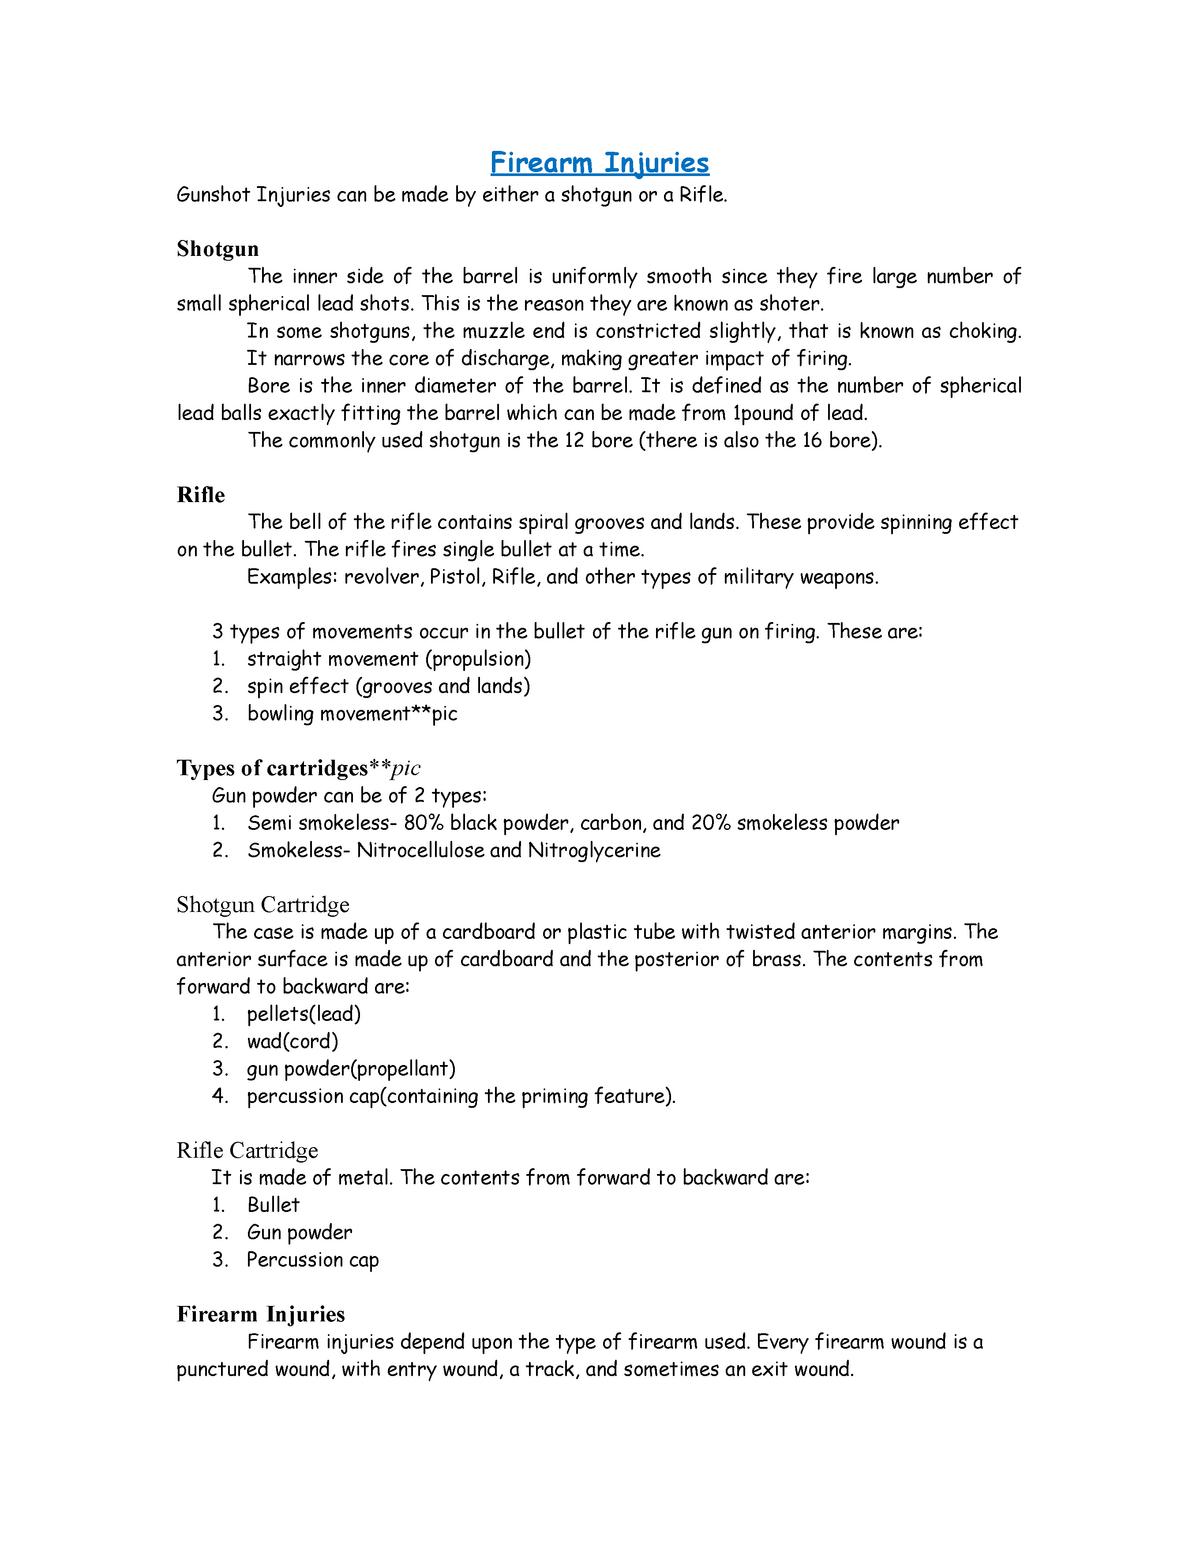 Firearm Injuries - CS0600: Forensic Science in Practice